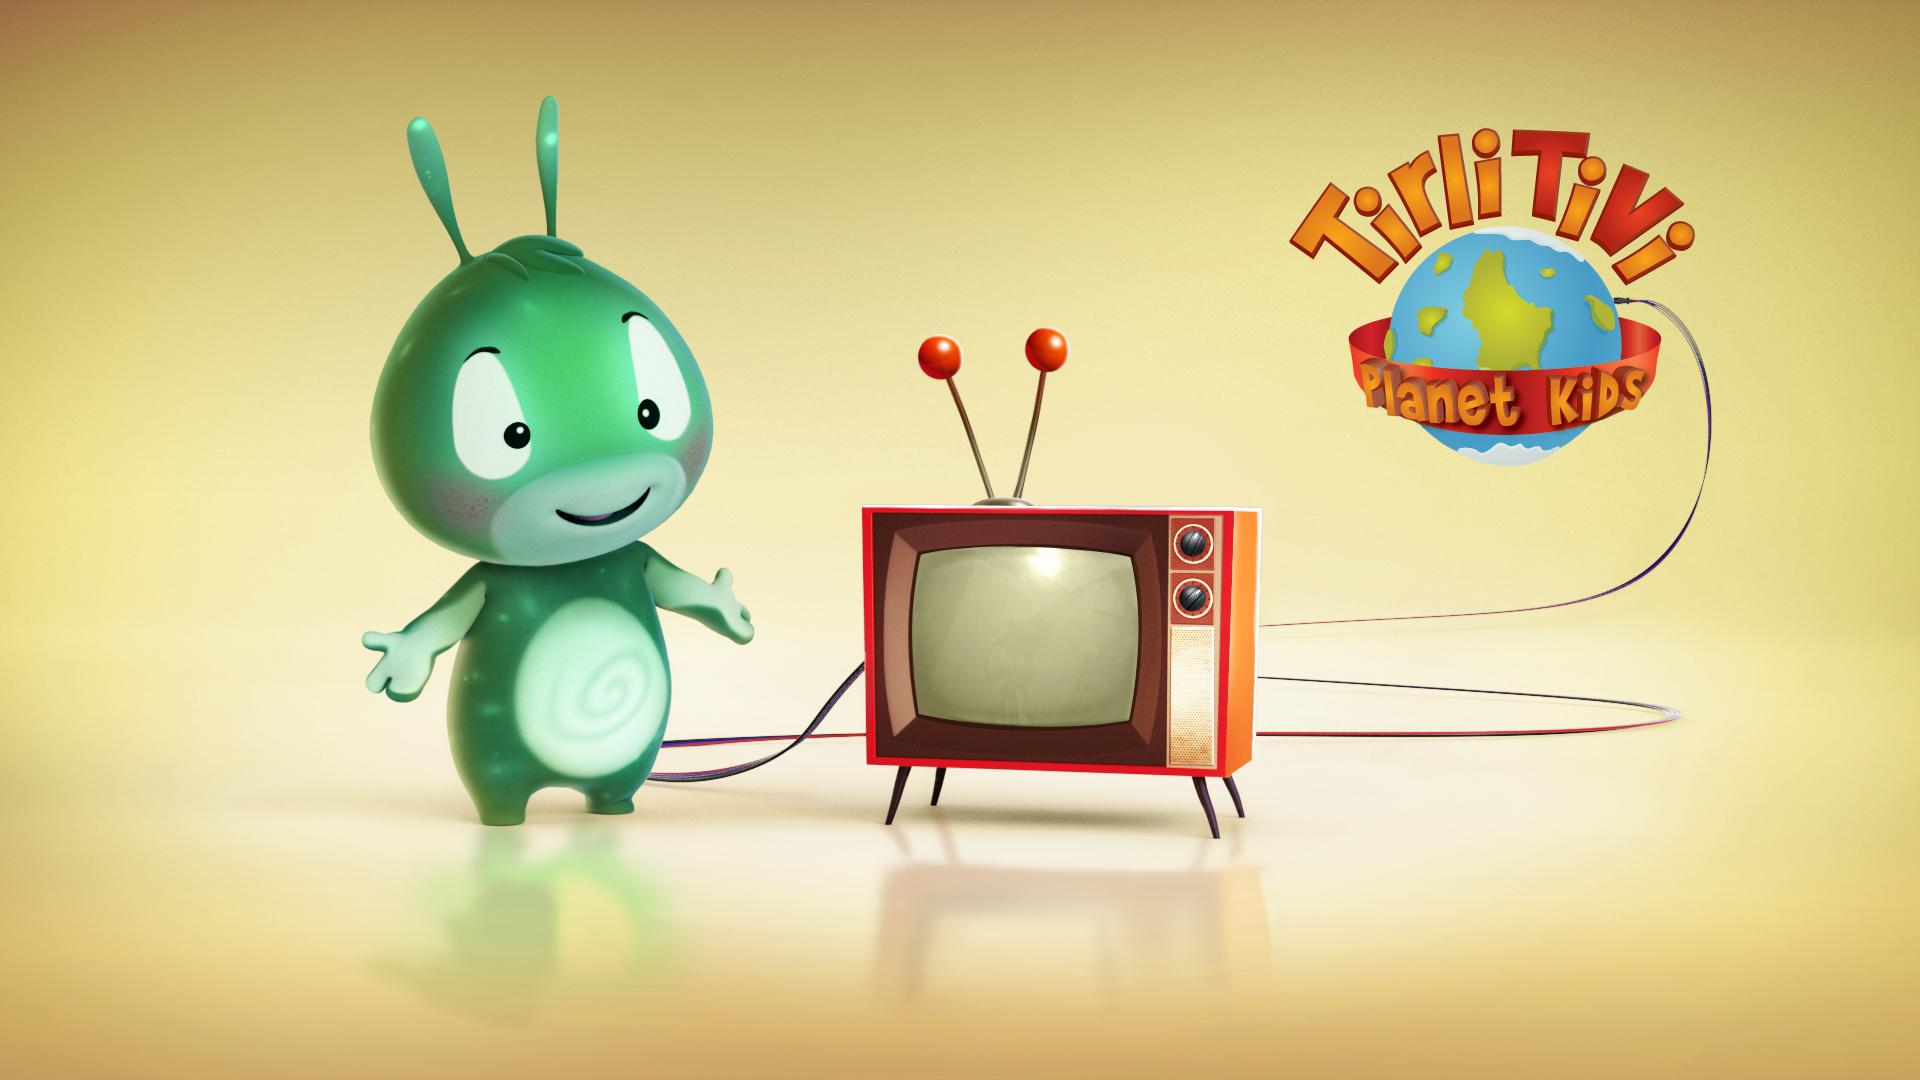 TIRLITIVI - Planet Kids